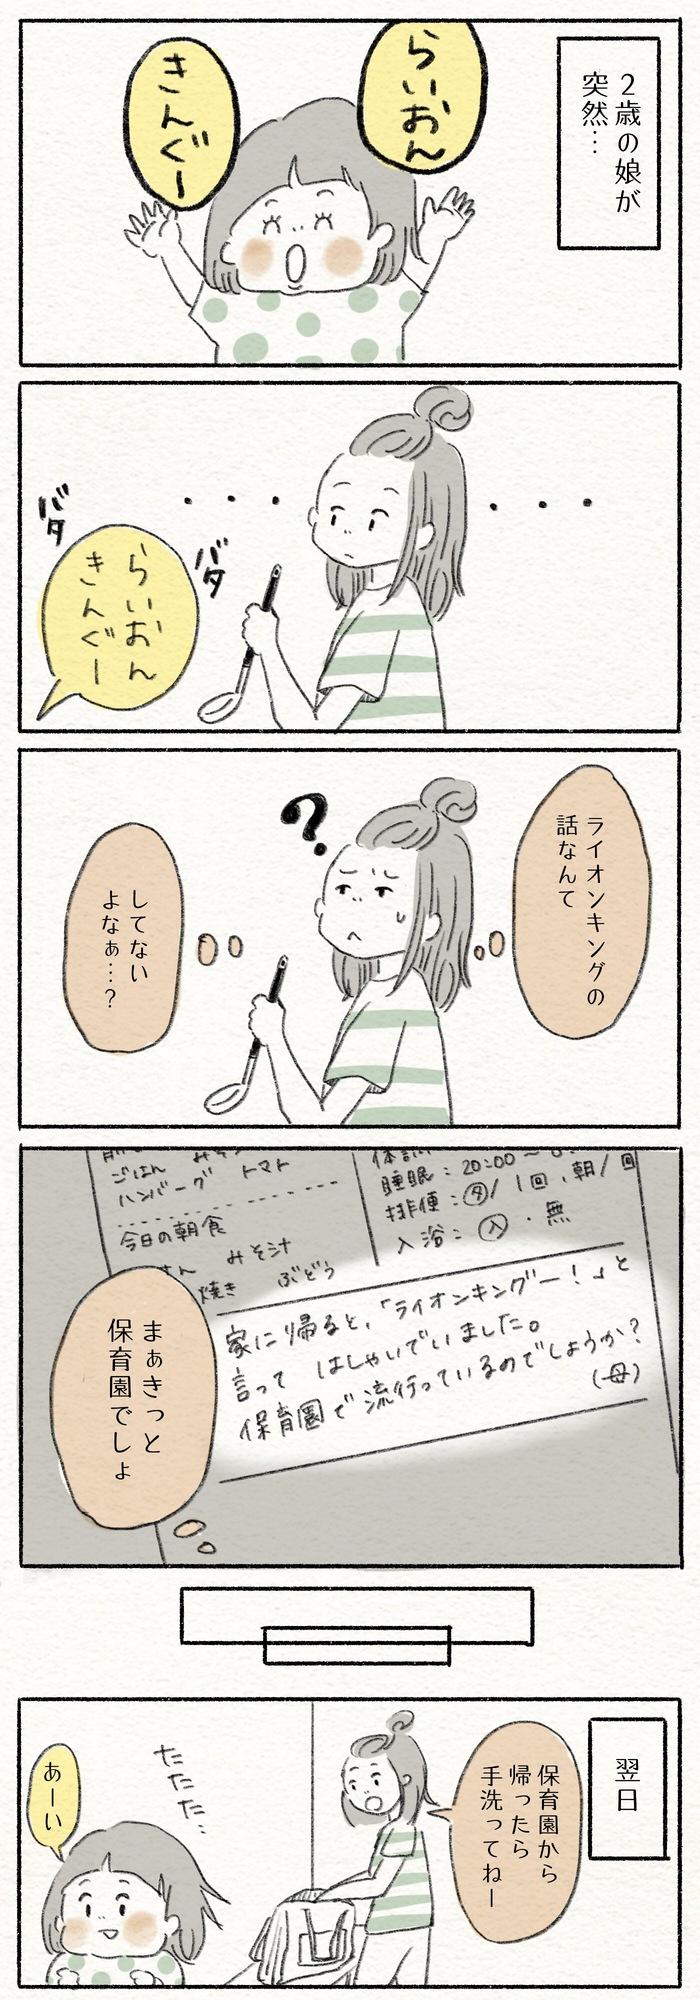 突然覚えてきた言葉に困惑…。何がどうしてそうなった?!(笑)の画像1